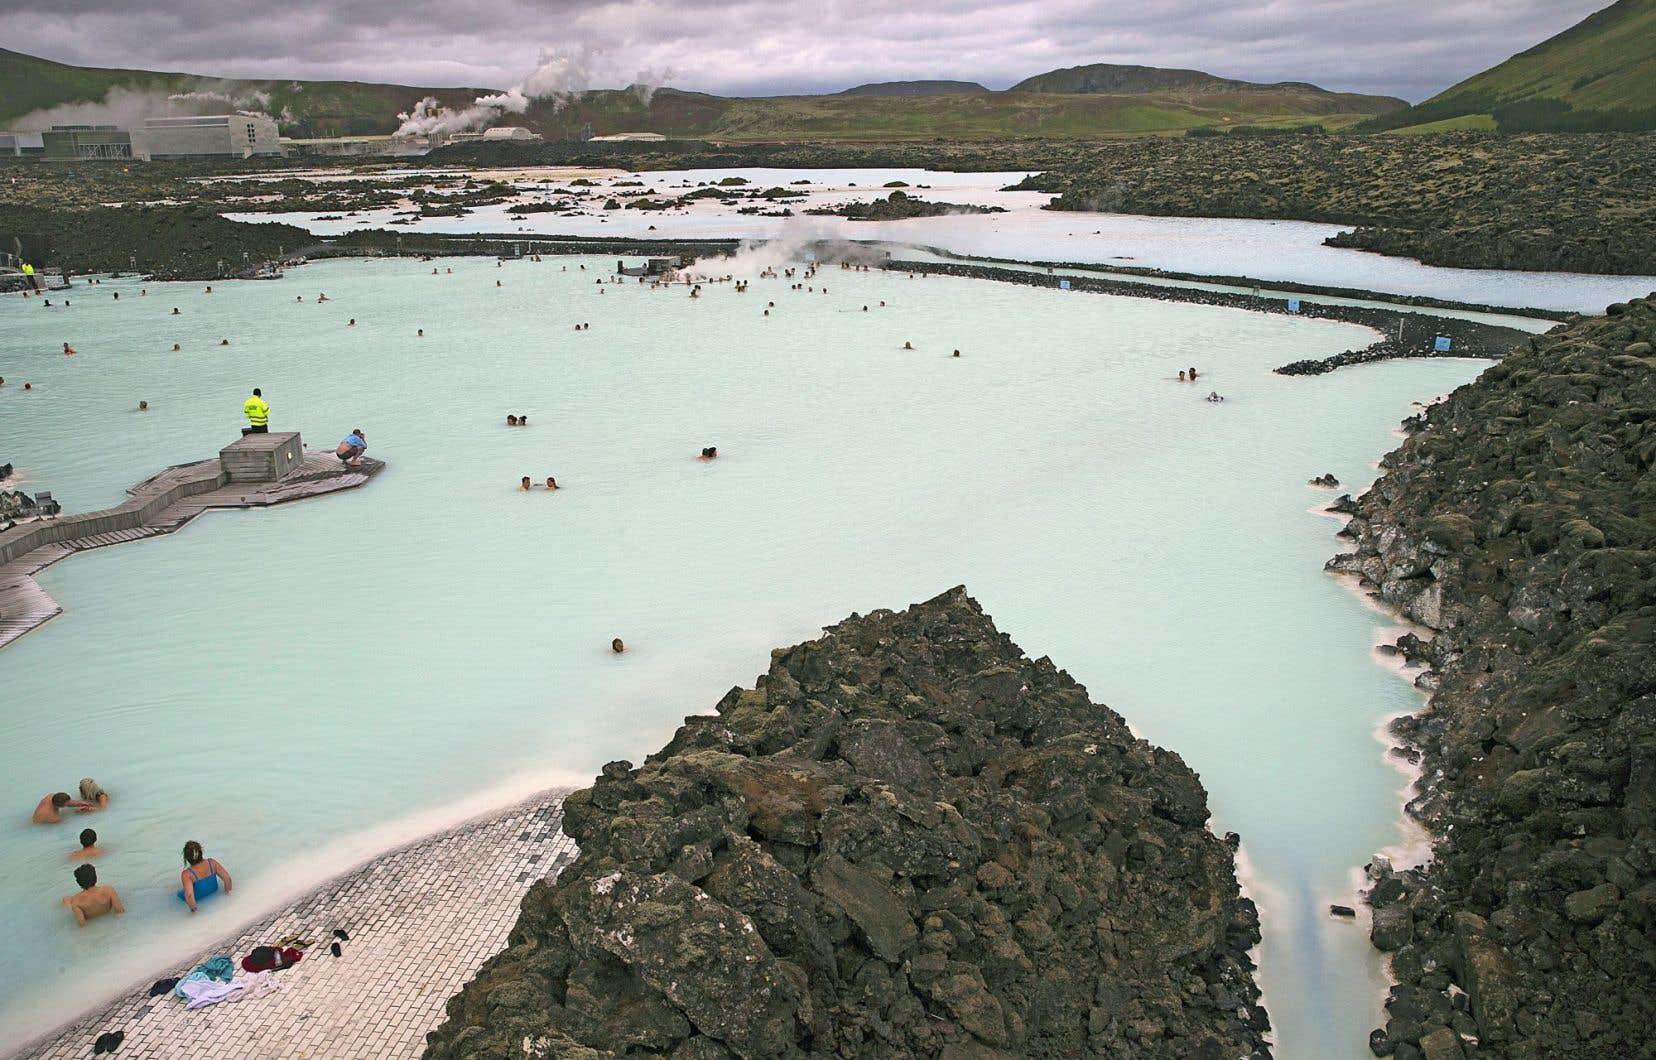 Le spa géothermique Blue Lagoon, l'une des attractions les plus populaires d'Islande, dans la péninsule Reykjanes.